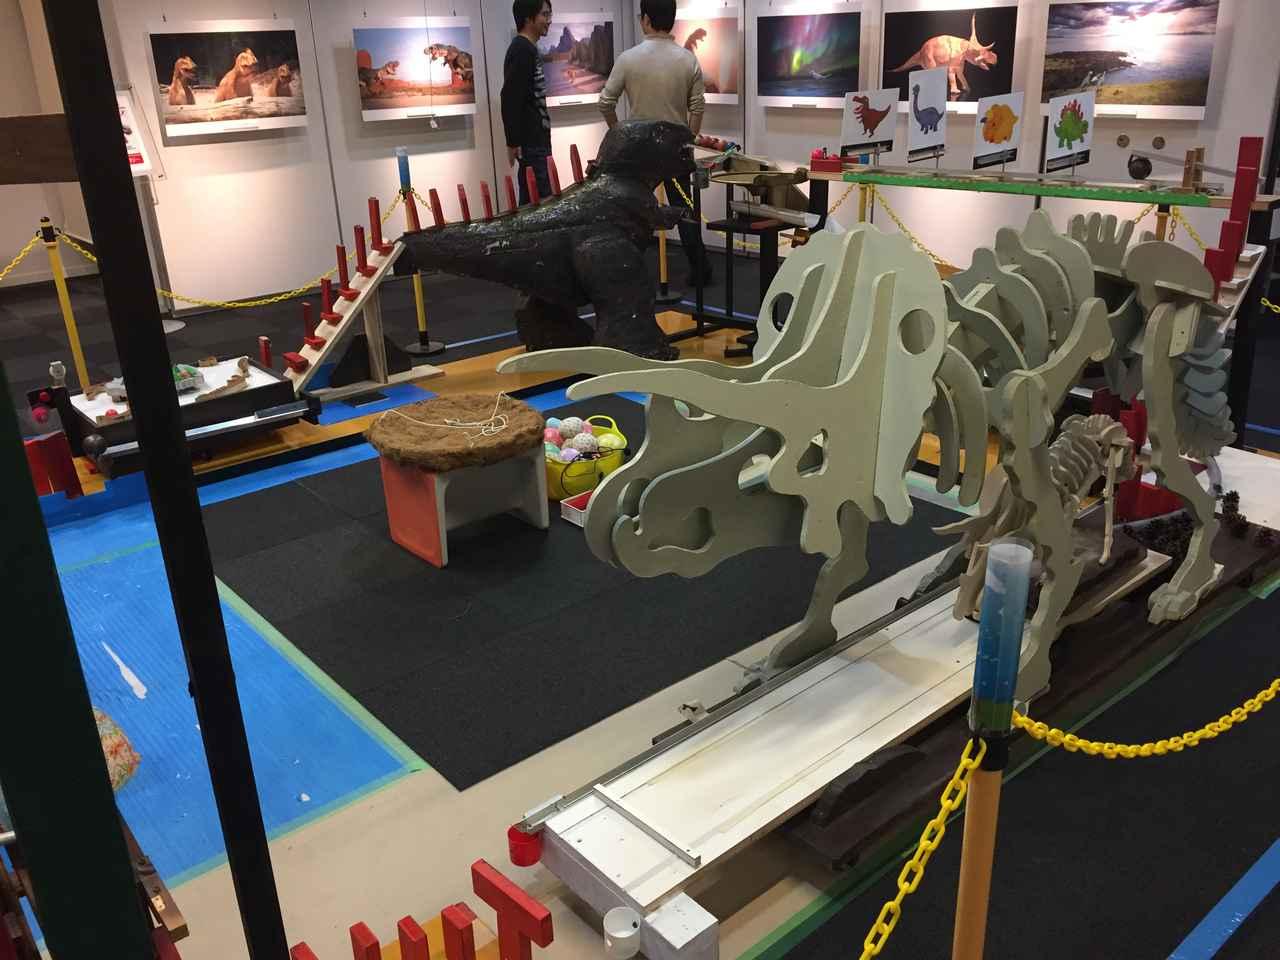 画像3: わくわく恐竜ランドはオギャってる要素と美しさ満載祭り!